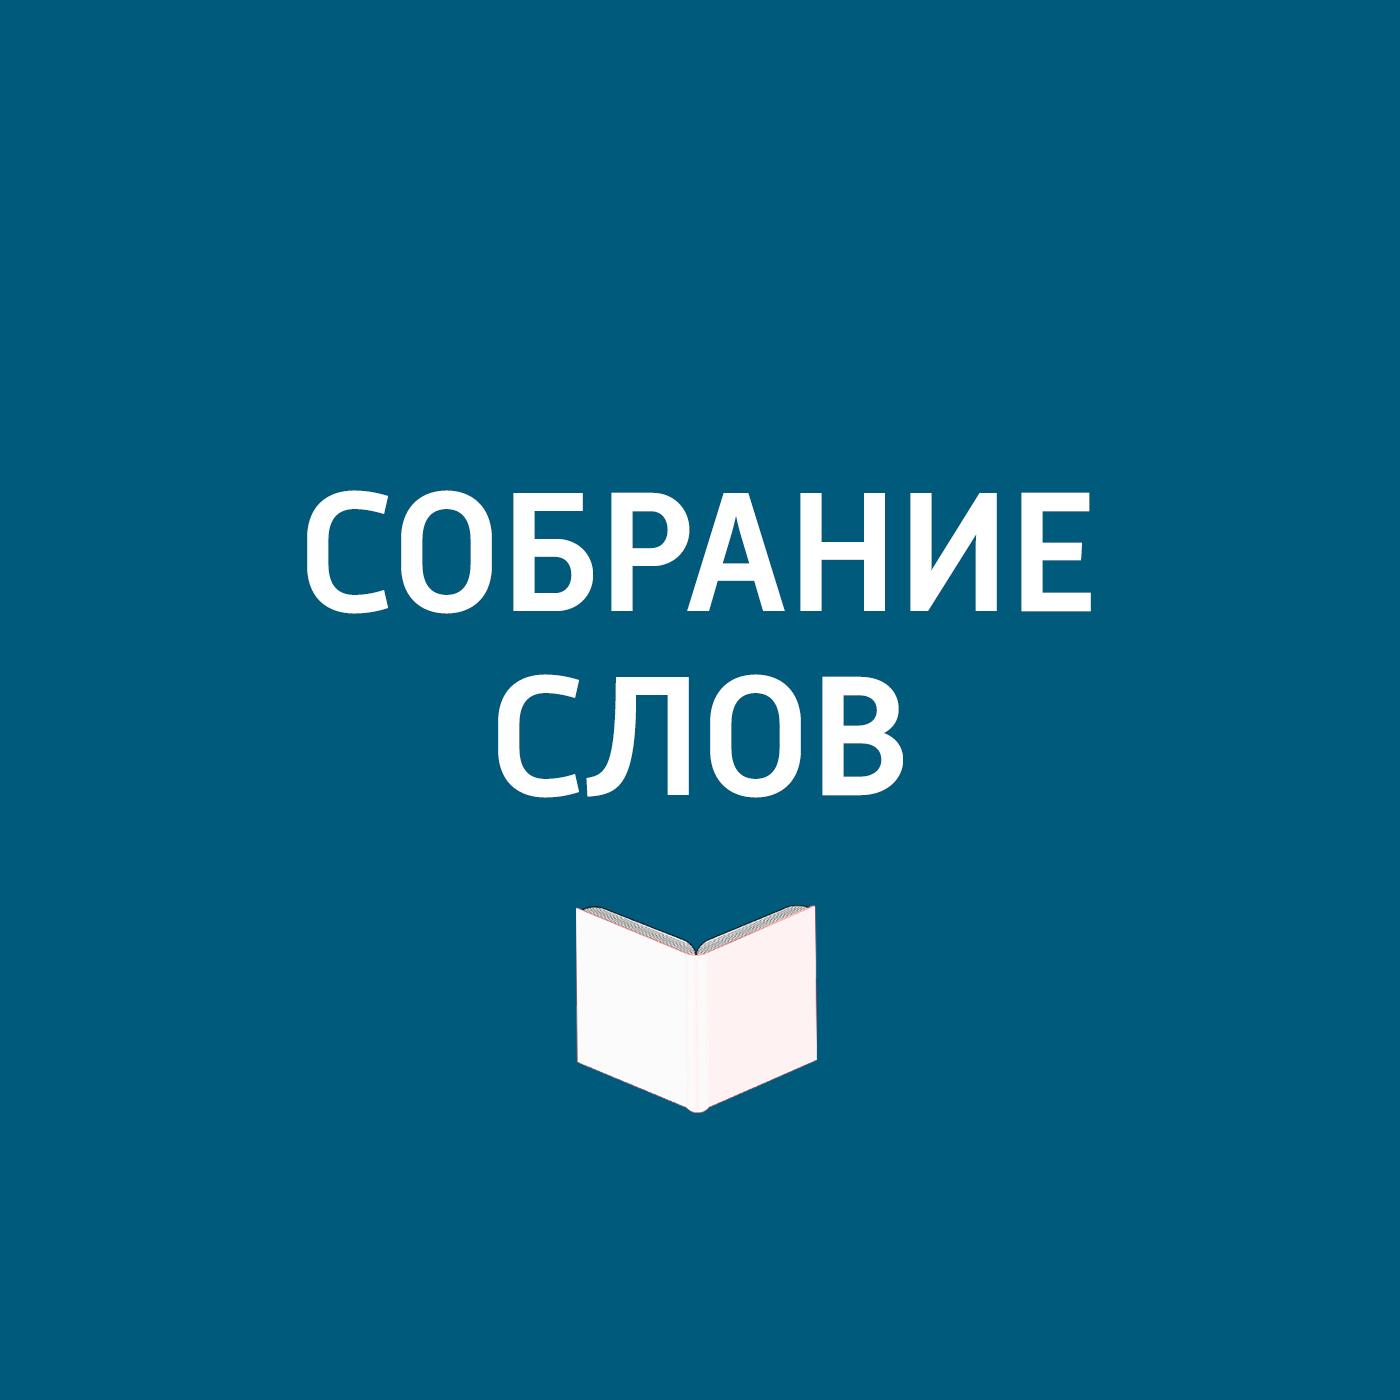 все цены на Творческий коллектив программы «Собрание слов» Большое интервью Александра Филиппенко онлайн